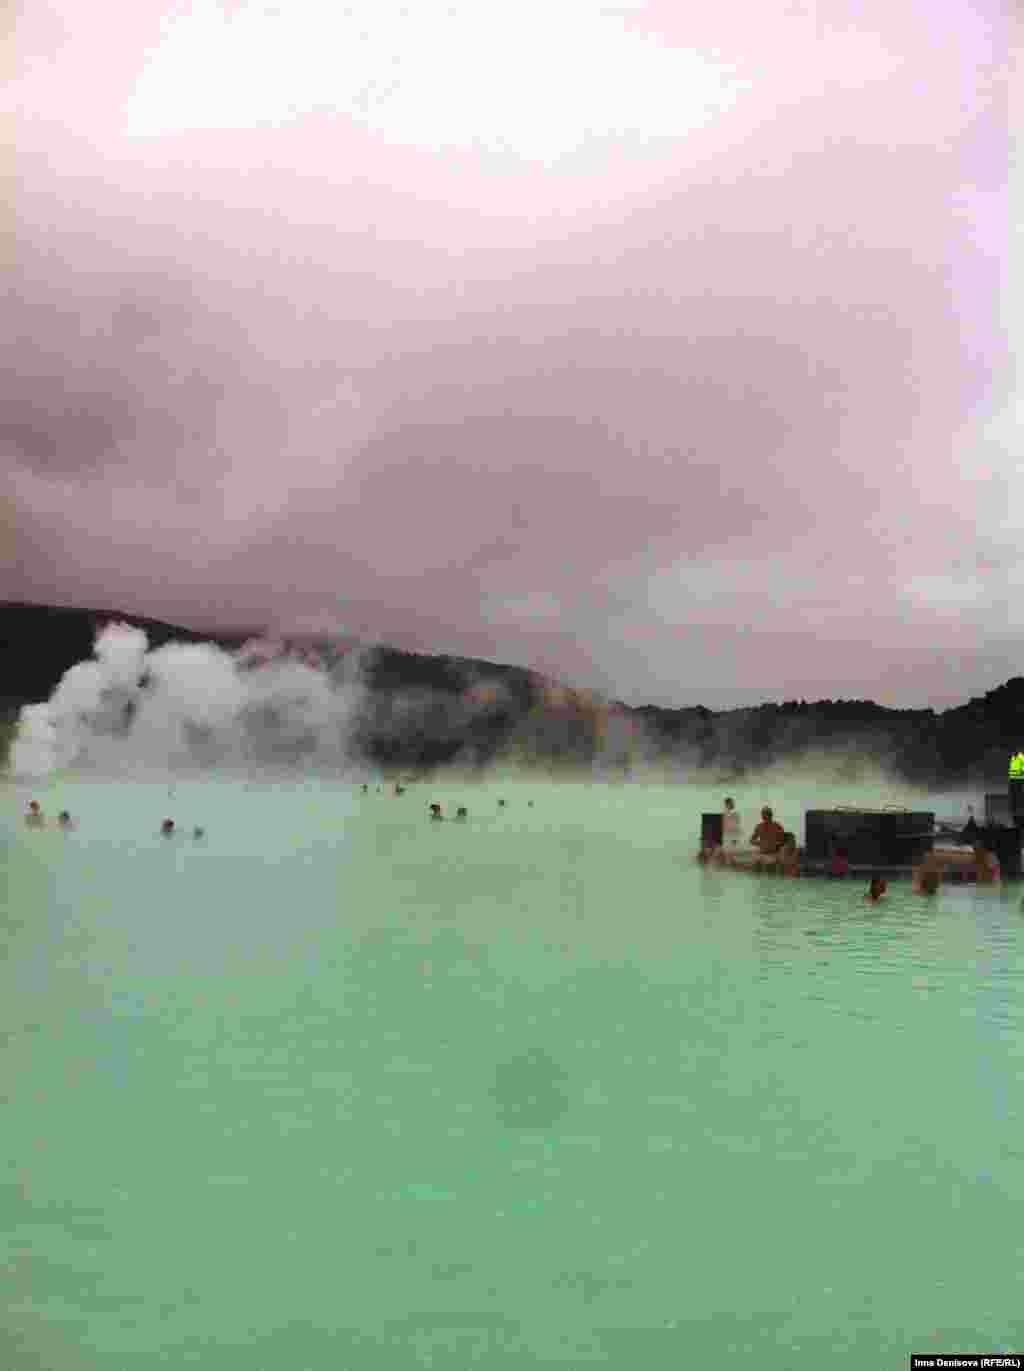 """Час посещения """"Голубой лагуны"""" стоит 35 евро. Белая глина, полезная лицу, бесплатная: ей вымощено дно озера, так что в ней нет недостатка. Париться в горячем бирюзовом молоке, выдыхая струйку пара в облако, растрепанное северным ветром - неземное наслаждение."""